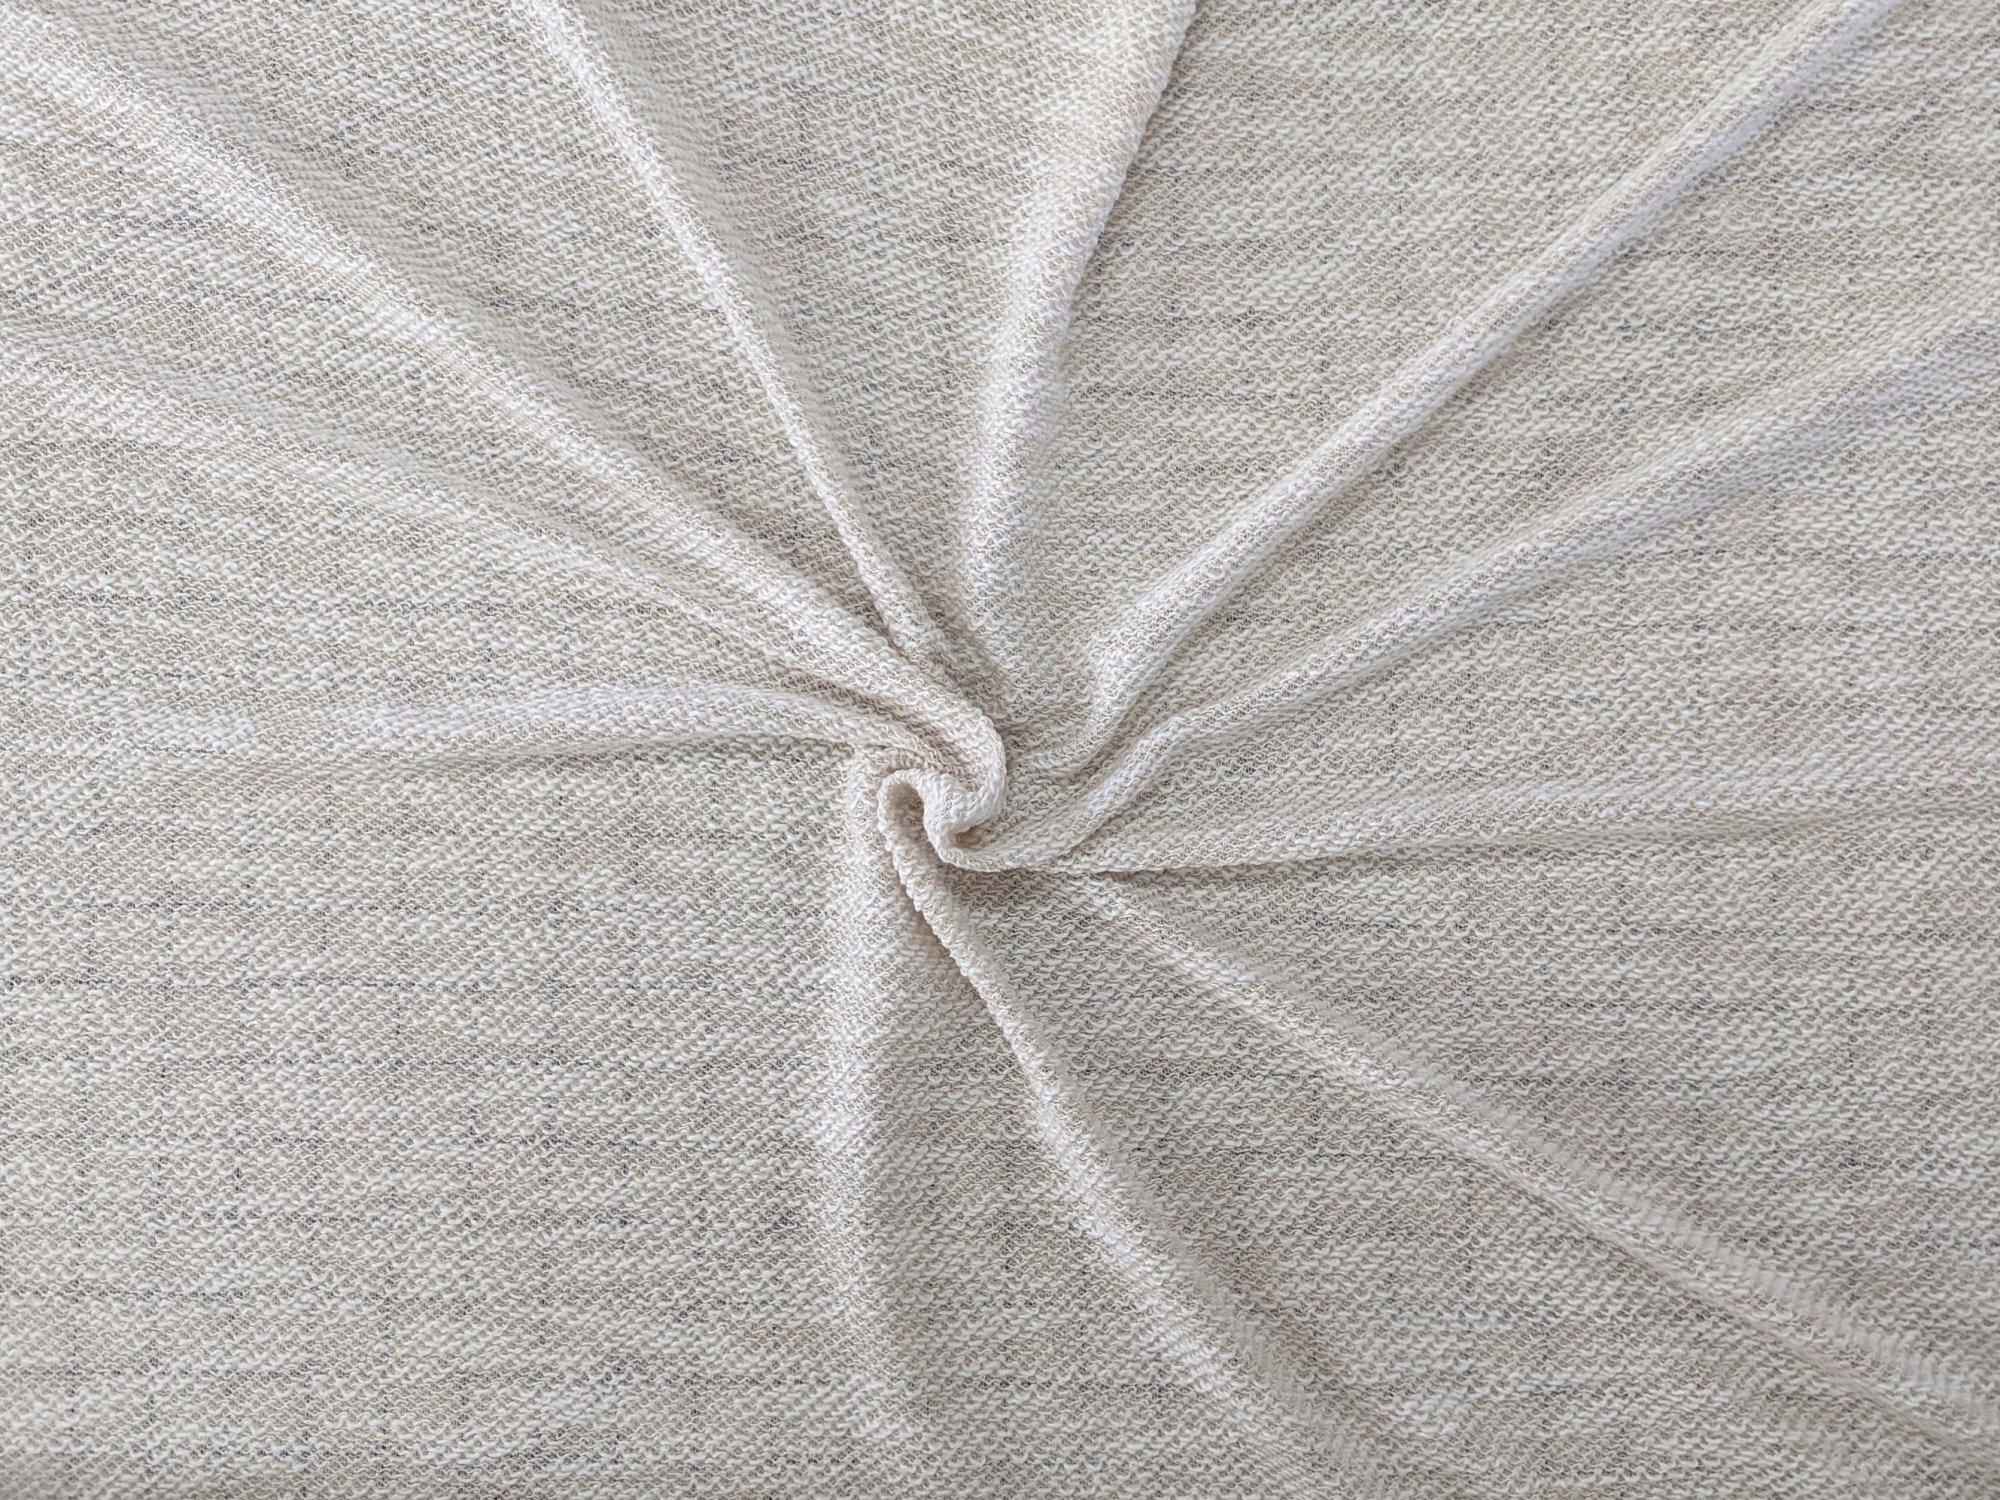 Cotton Knit - Tan/White